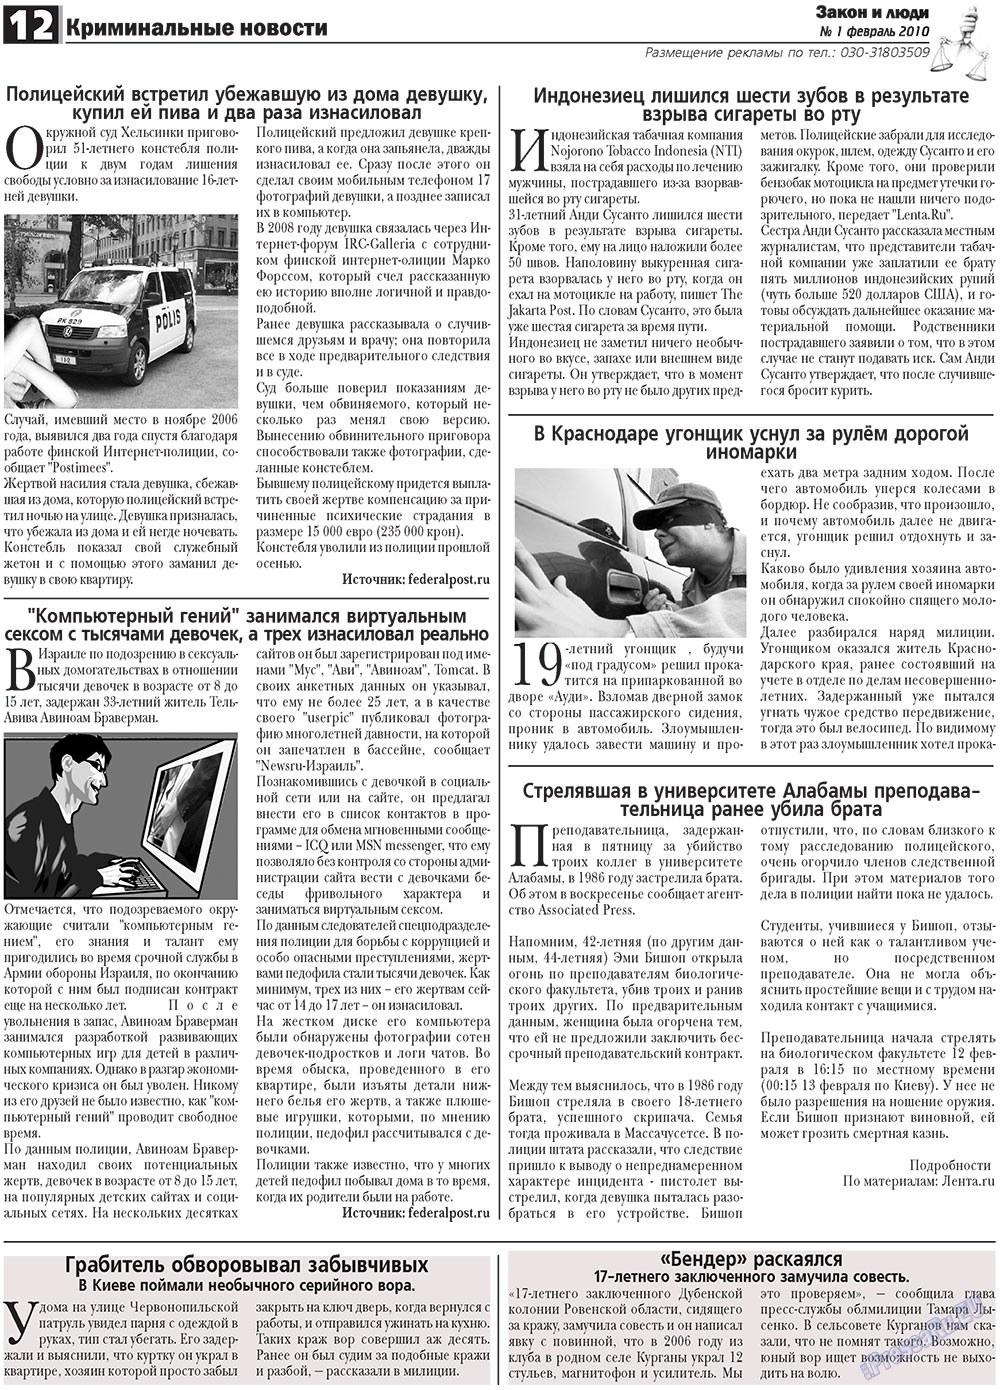 Закон и люди (газета). 2010 год, номер 1, стр. 12